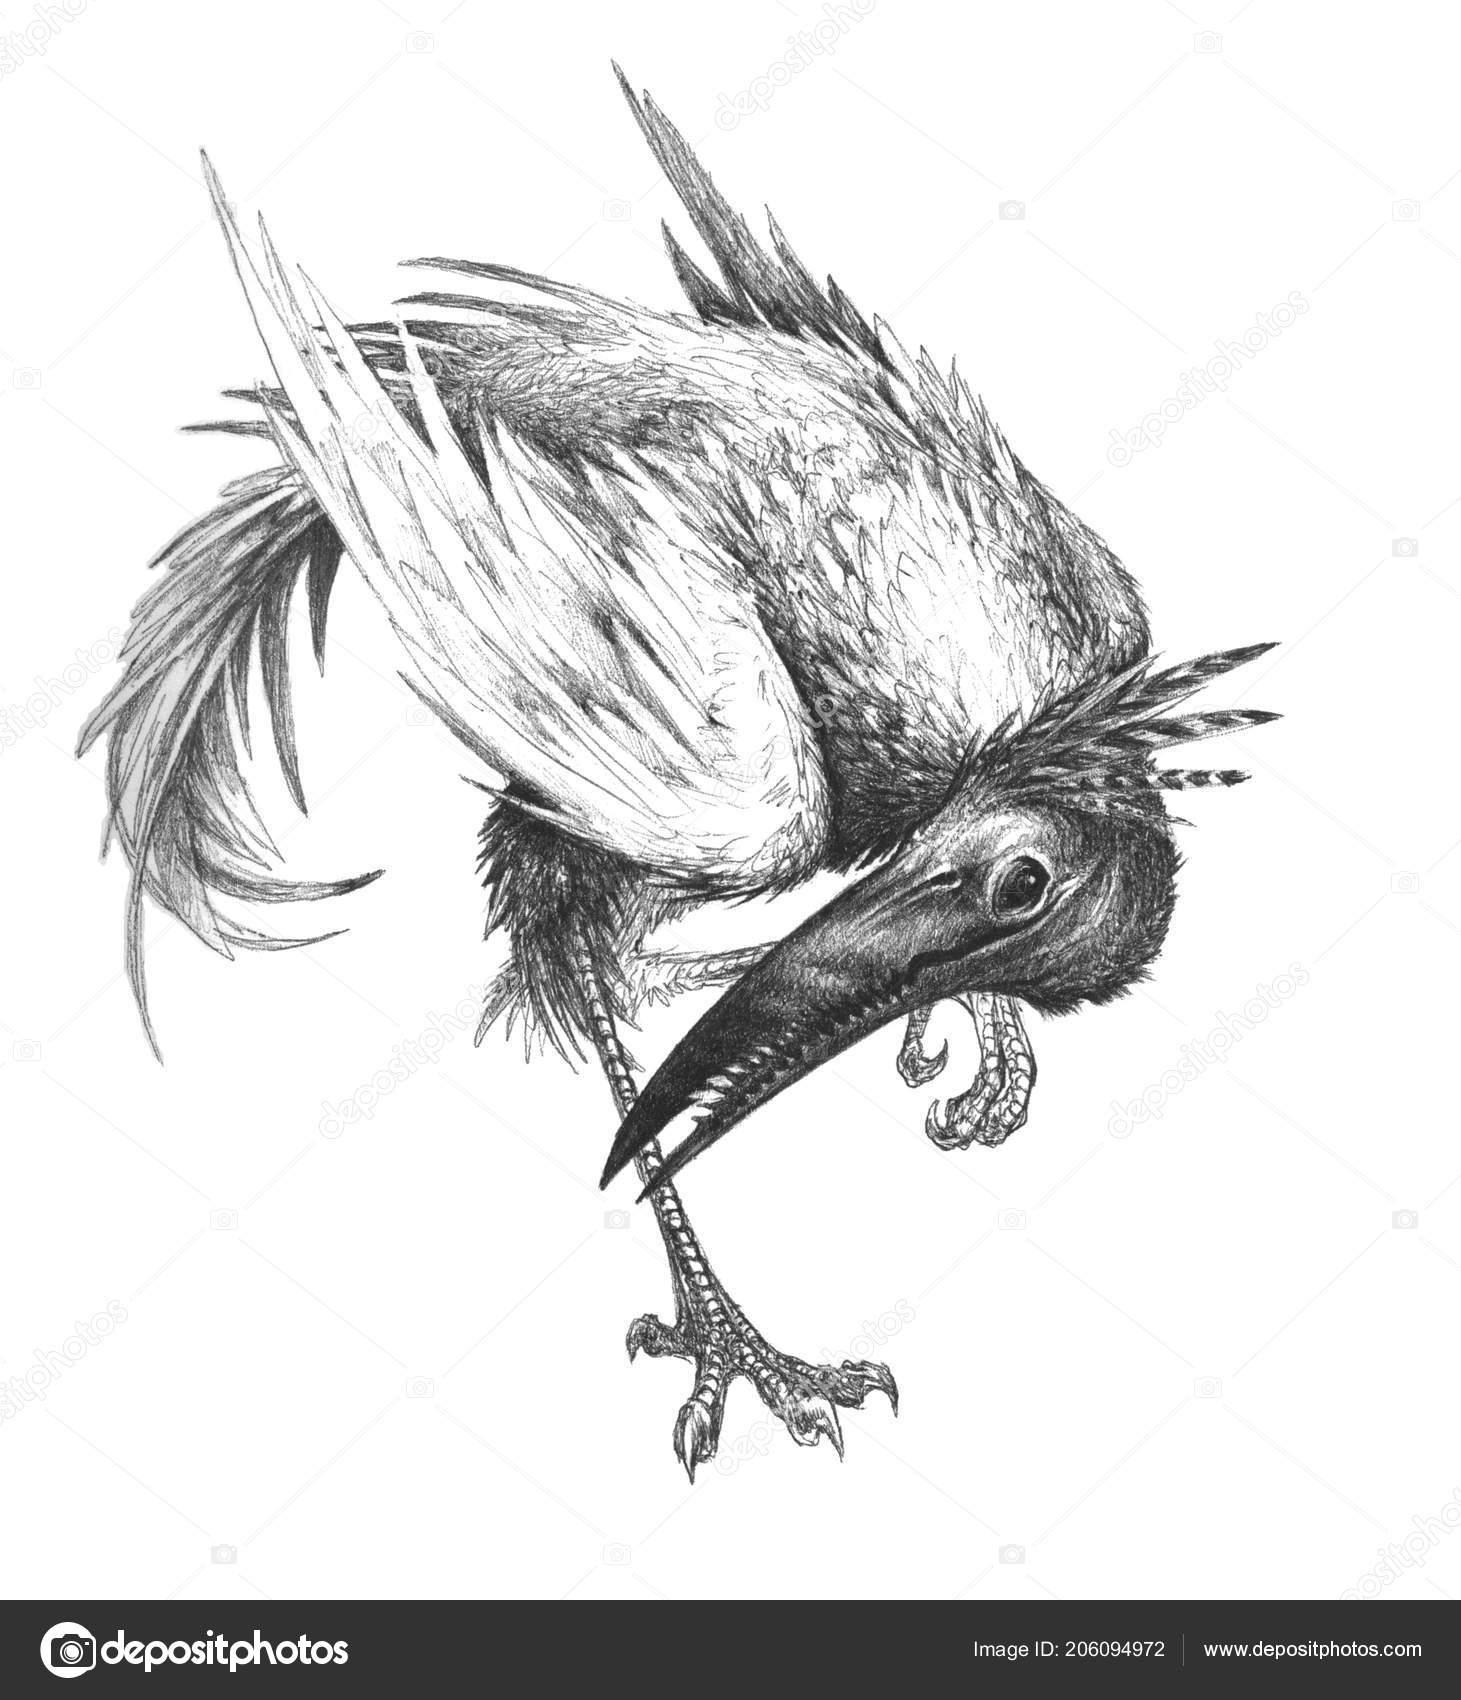 Disegno Uccello Creatura Immaginaria Matita